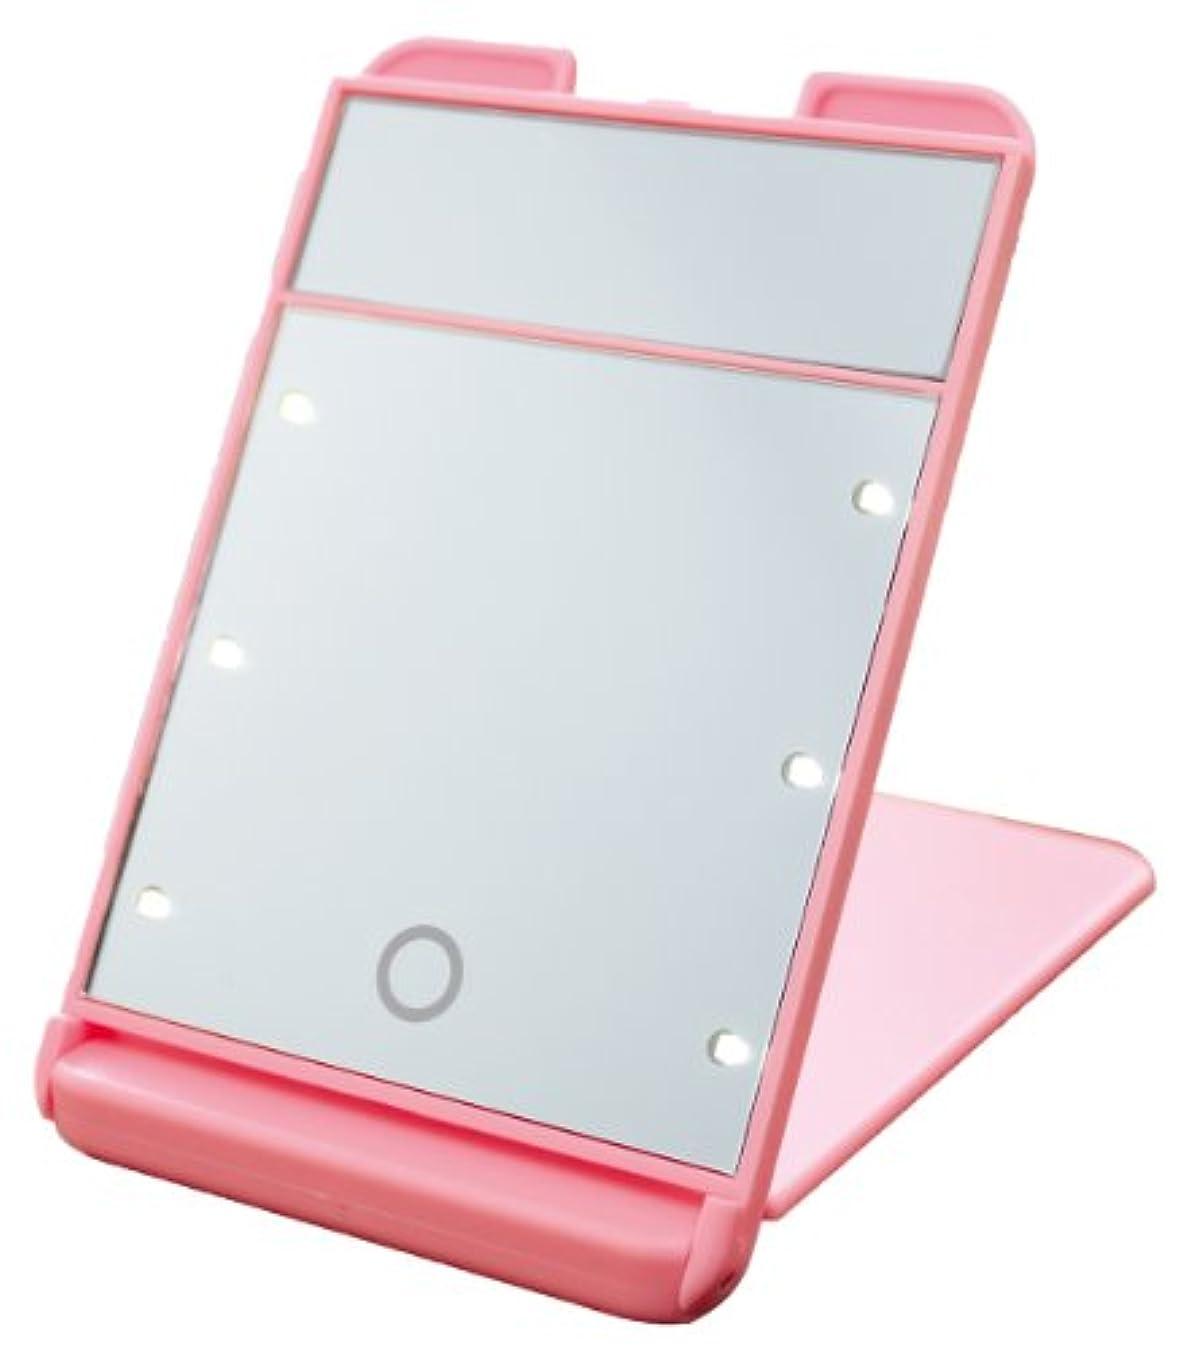 3倍拡大鏡付 LED コンパクト ブライトニングミラー タッチミニ YLD-1600 ピンク